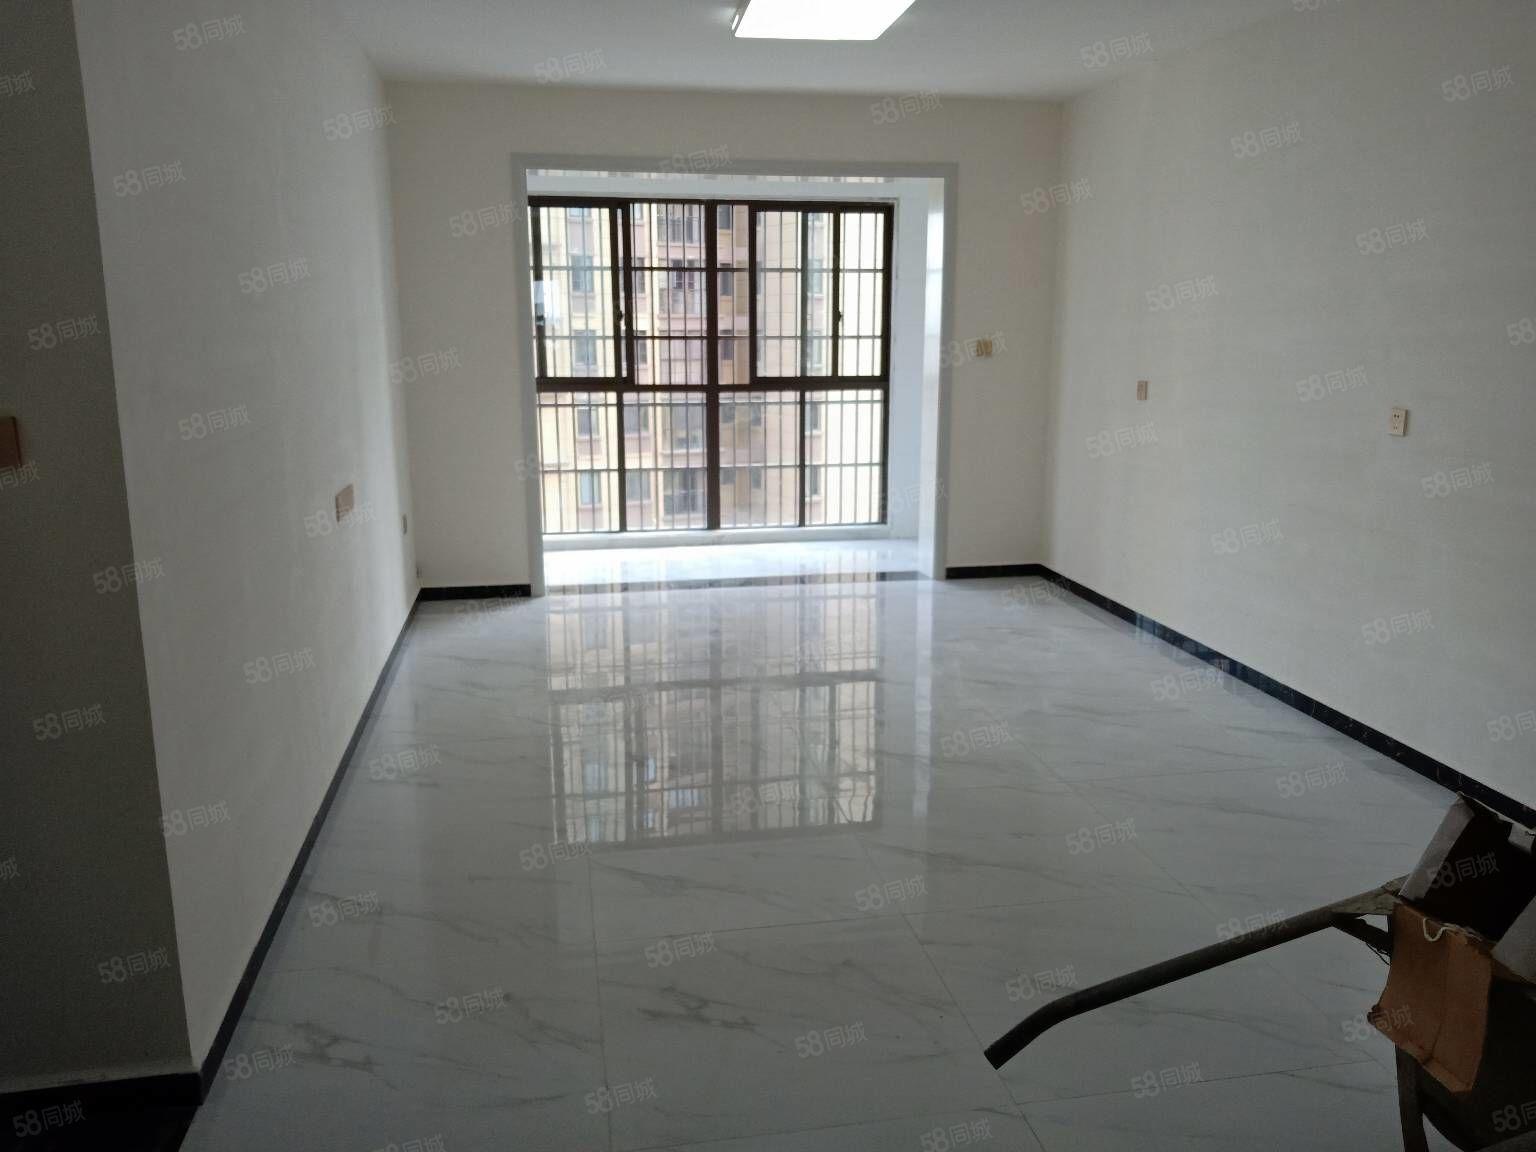 天筑廣場簡裝三室兩廳鋪的地板磚